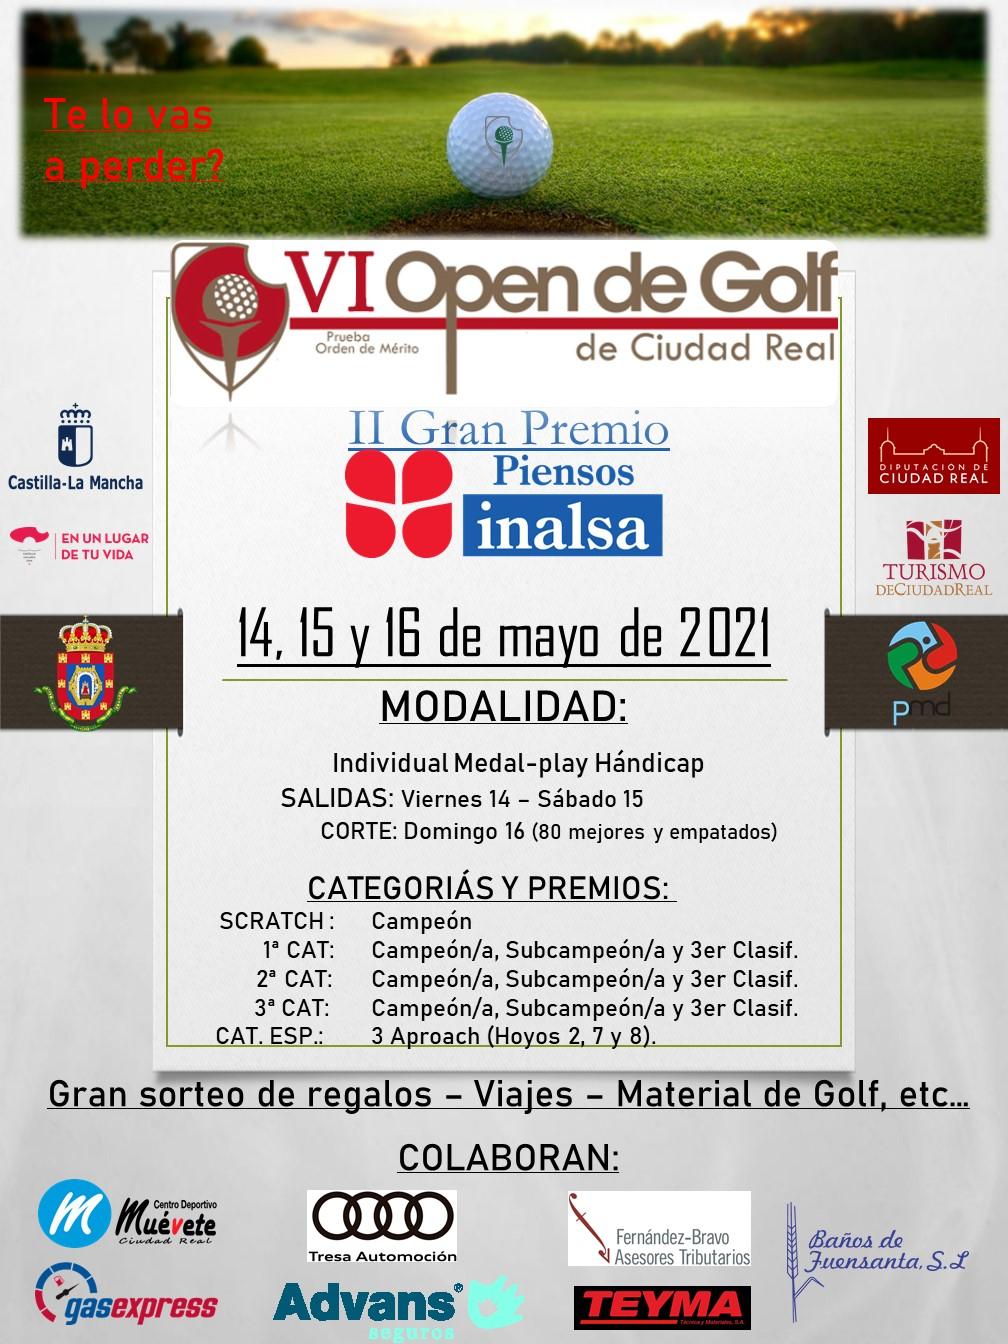 Cartel VI Open GCR - II Gran Premio Inalsa